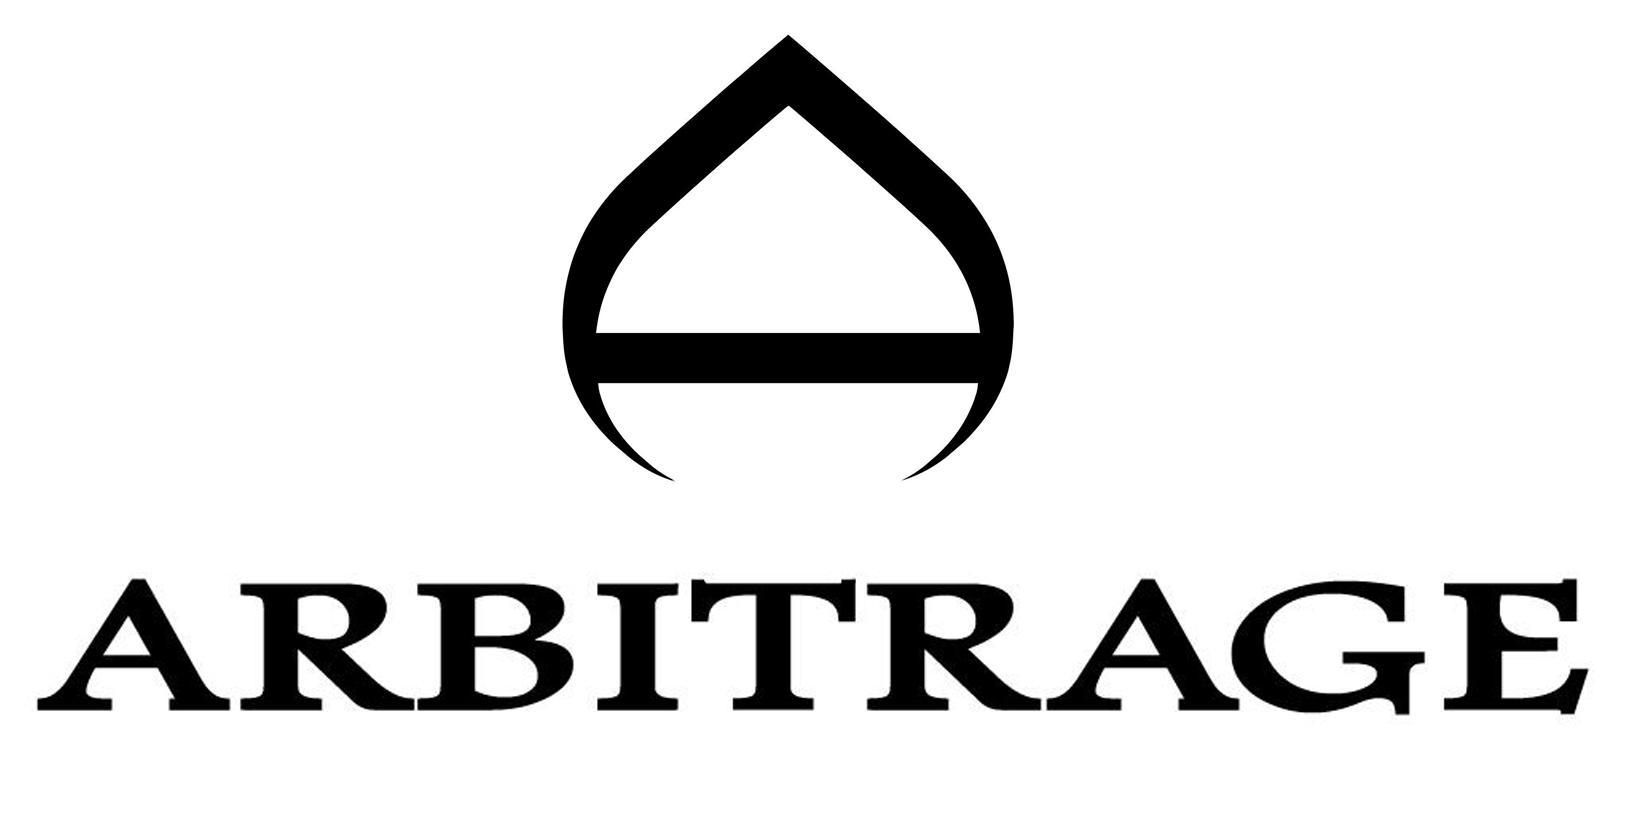 Arbitrage Logo together.jpg